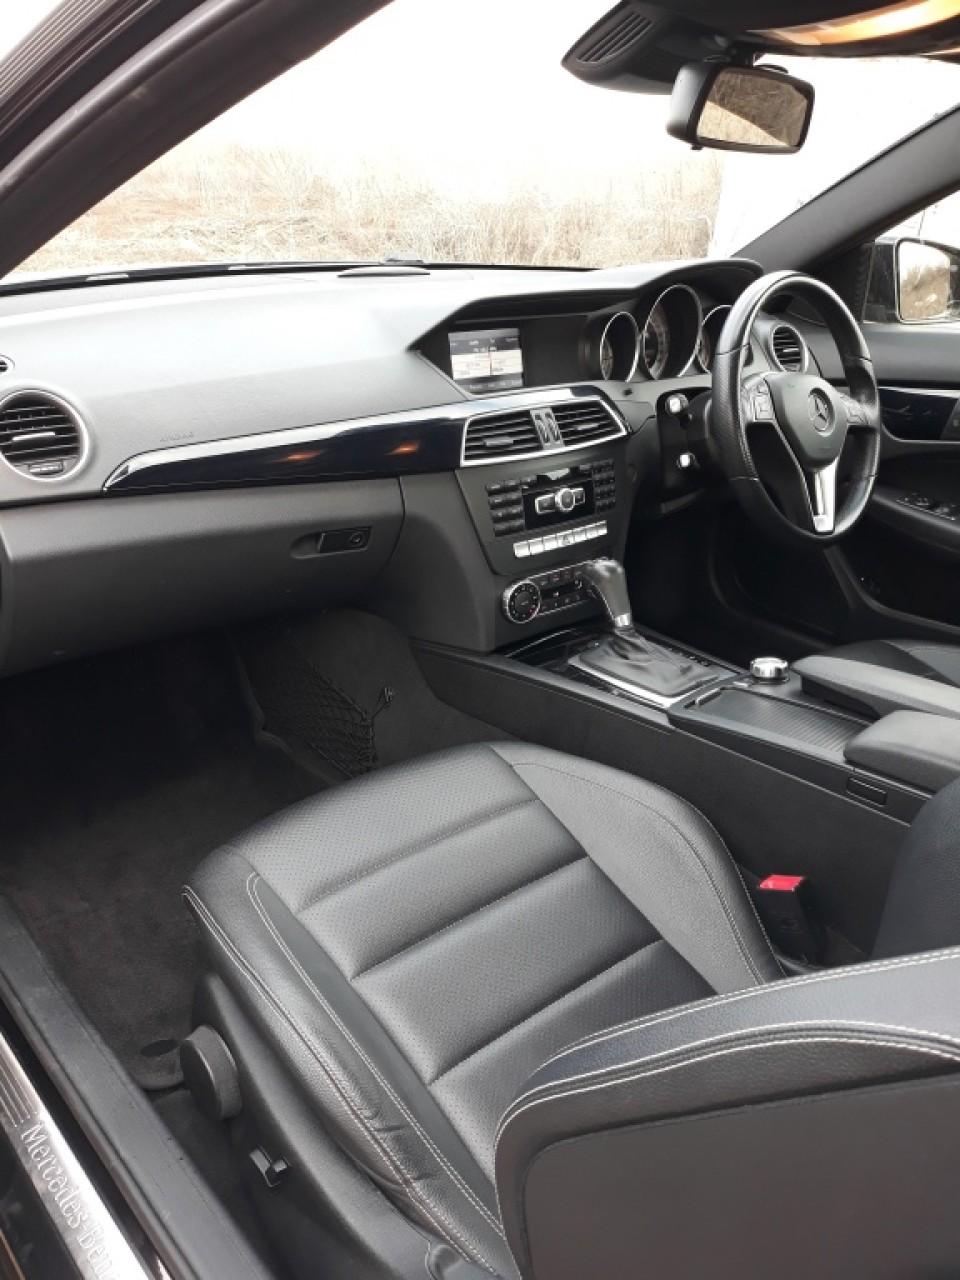 Carenaj aparatori noroi fata Mercedes C-CLASS W204 2013 coupe 2.2